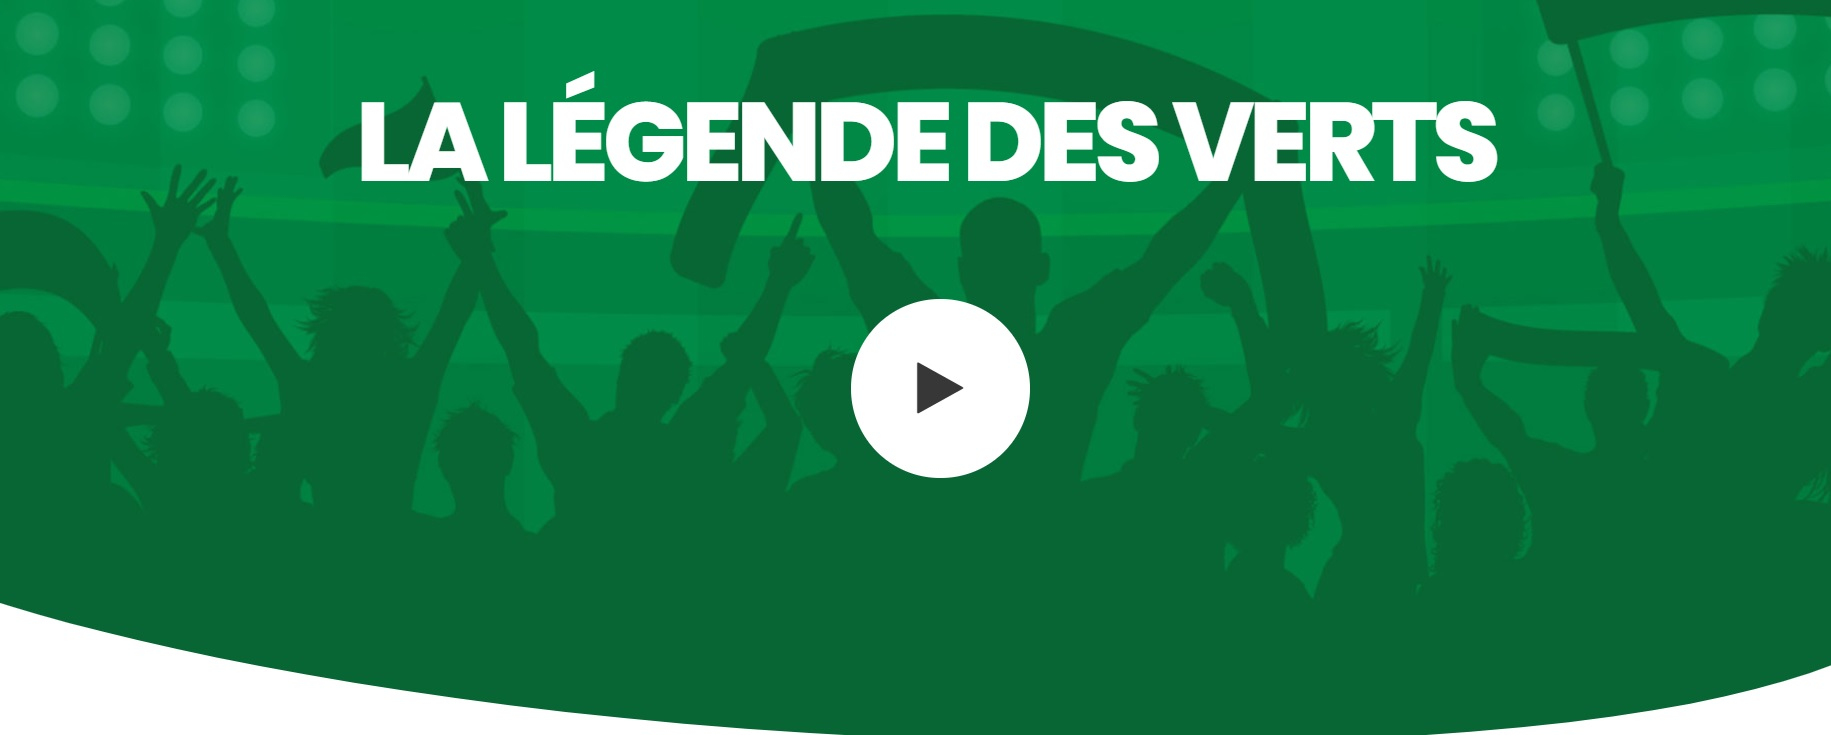 Les Verts soutiennent la Fondation en chanson